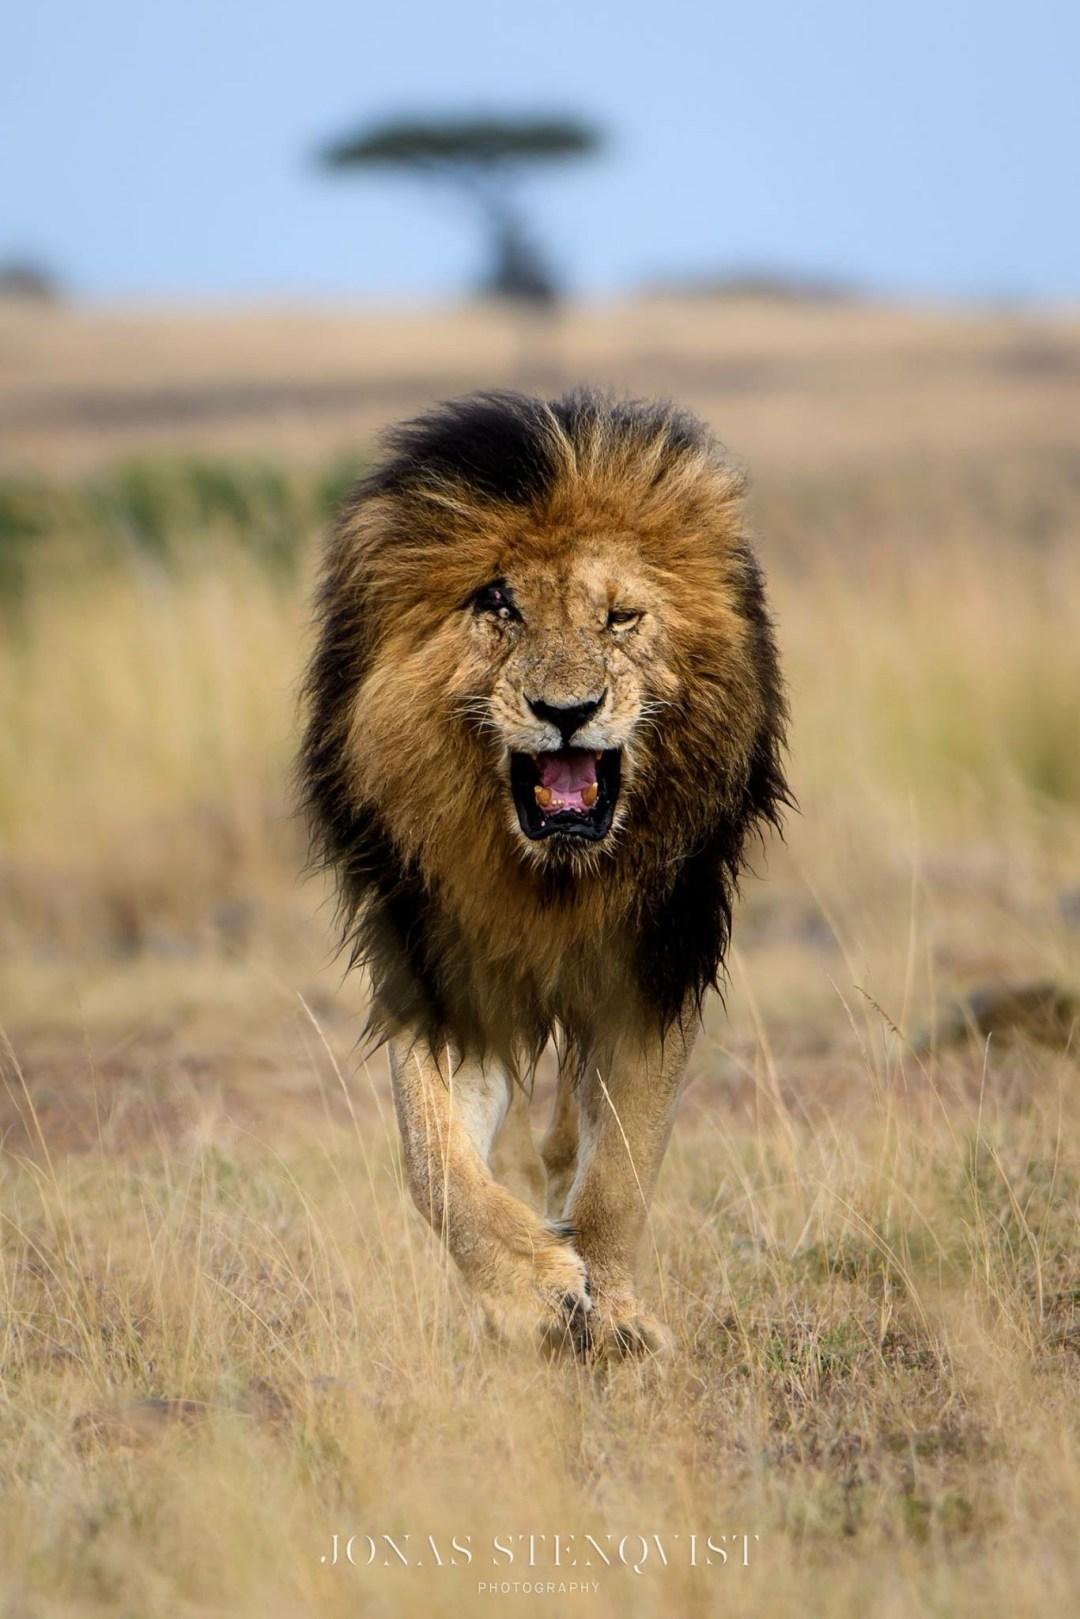 Scarface the Legend of the Masai Mara